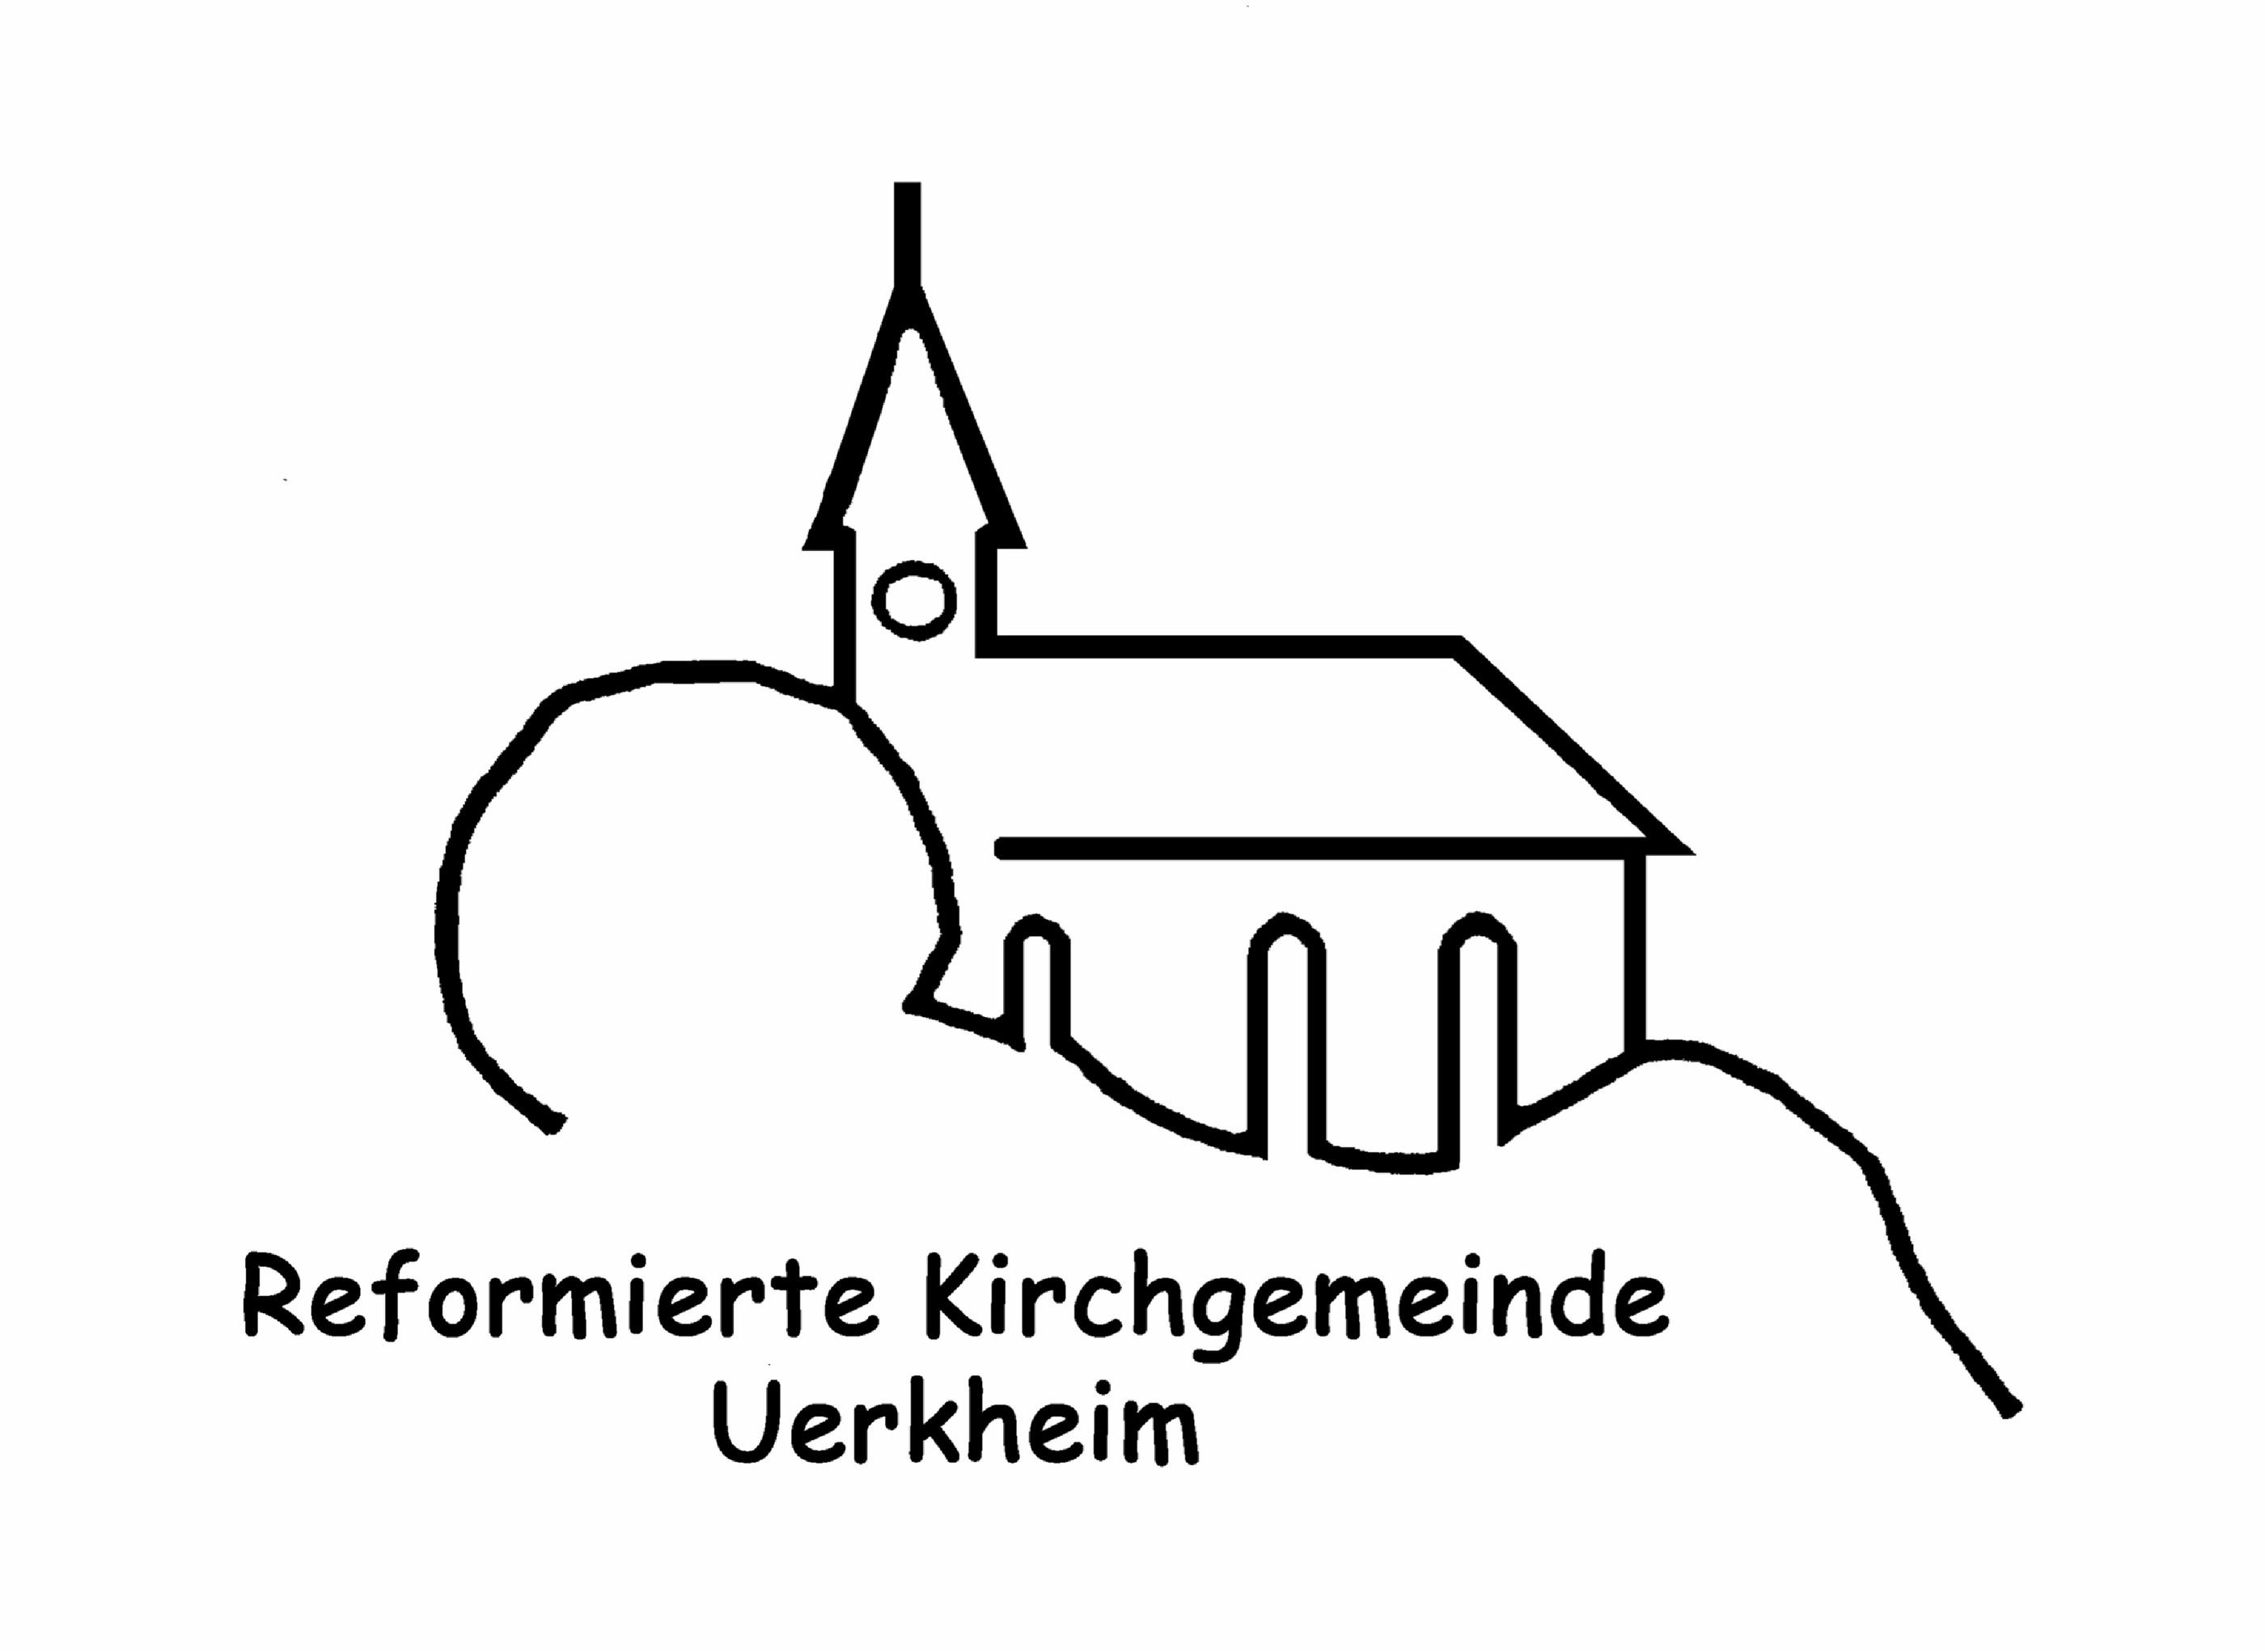 Reformierte Kirchgemeinde Uerkheim